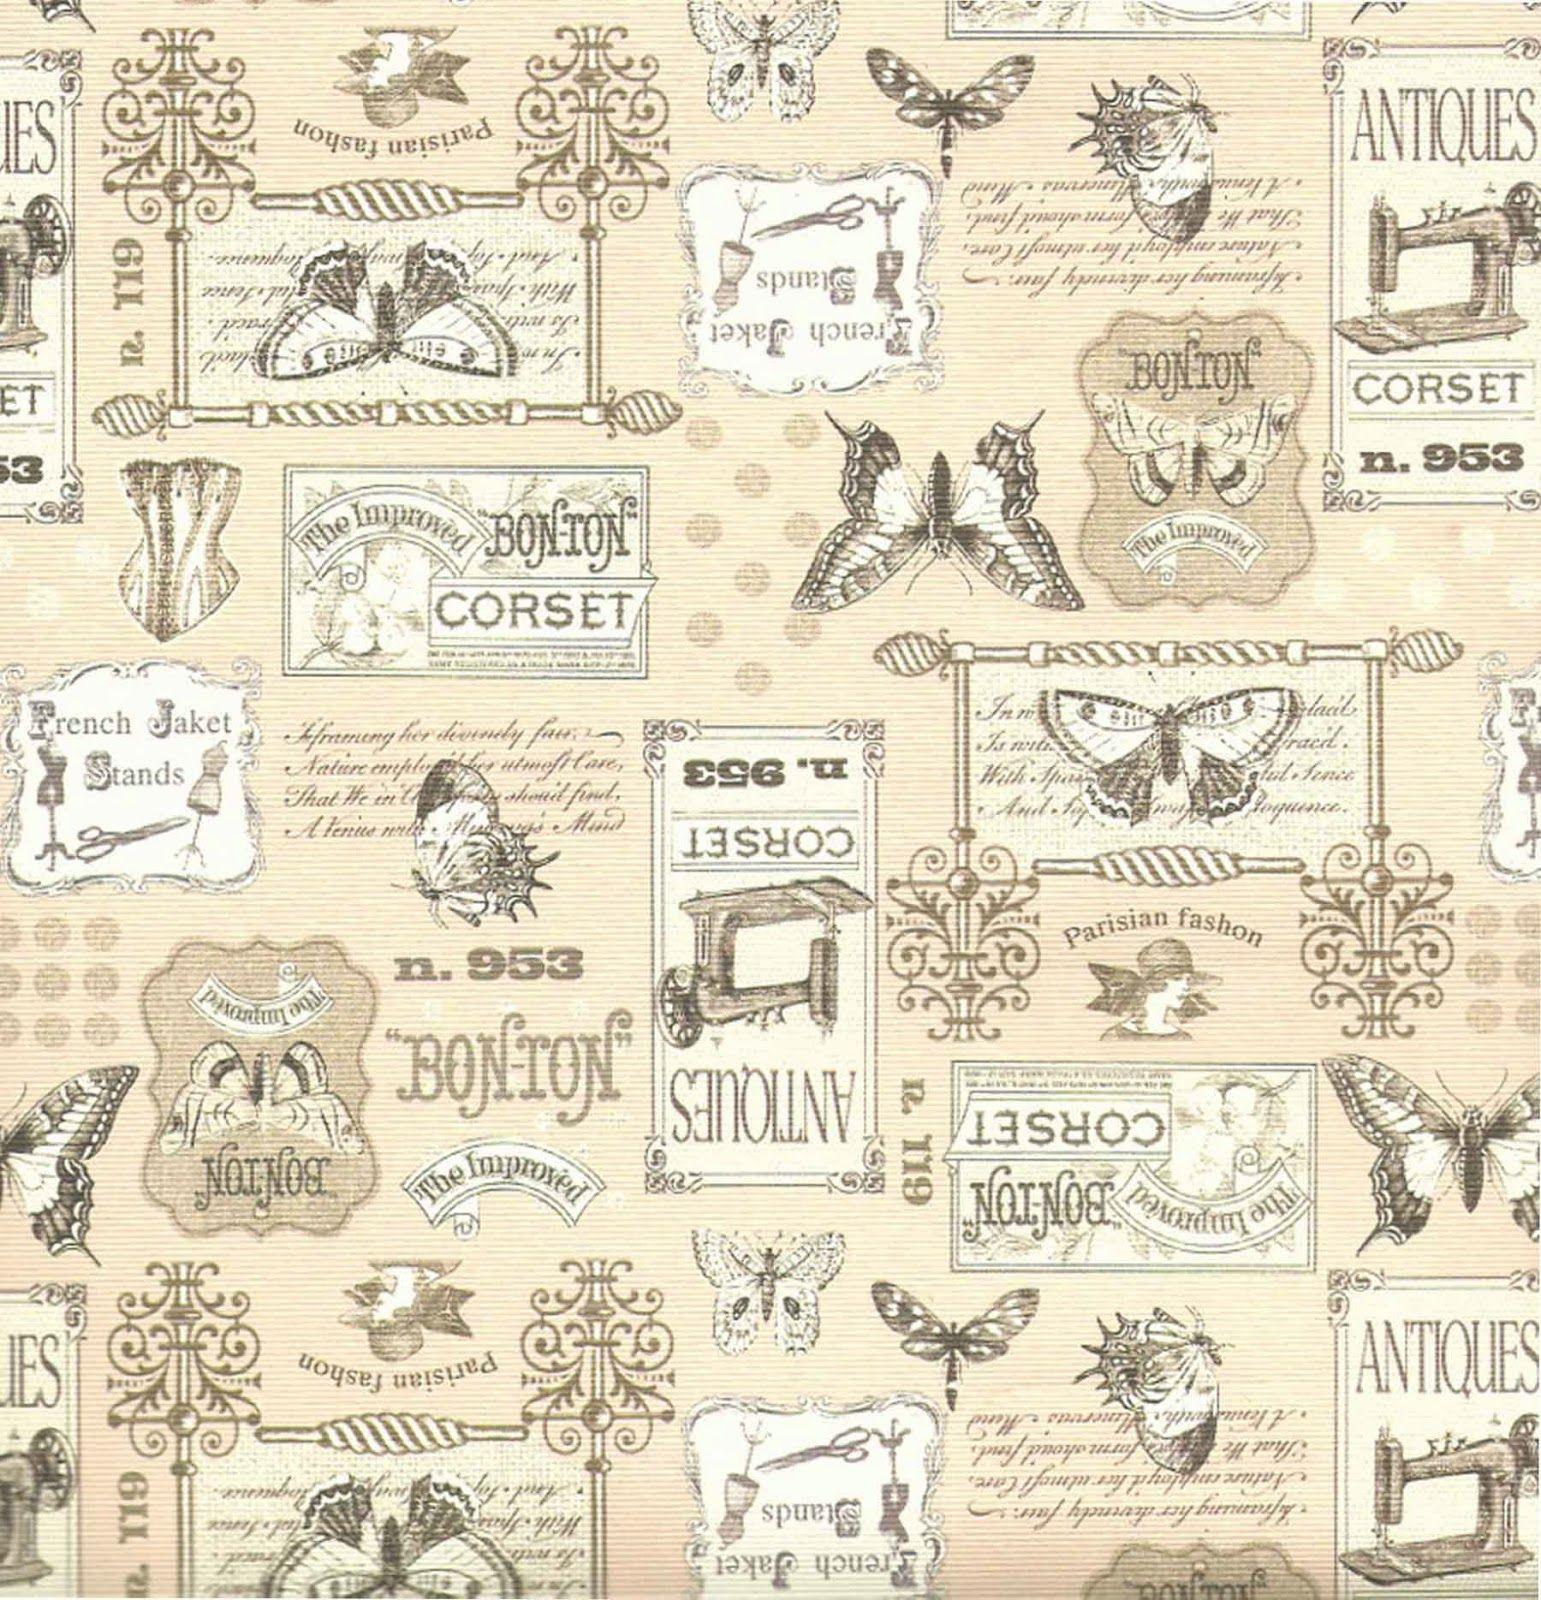 Dise os vintage para imprimir en papel buscar con google - Papel vintage pared ...